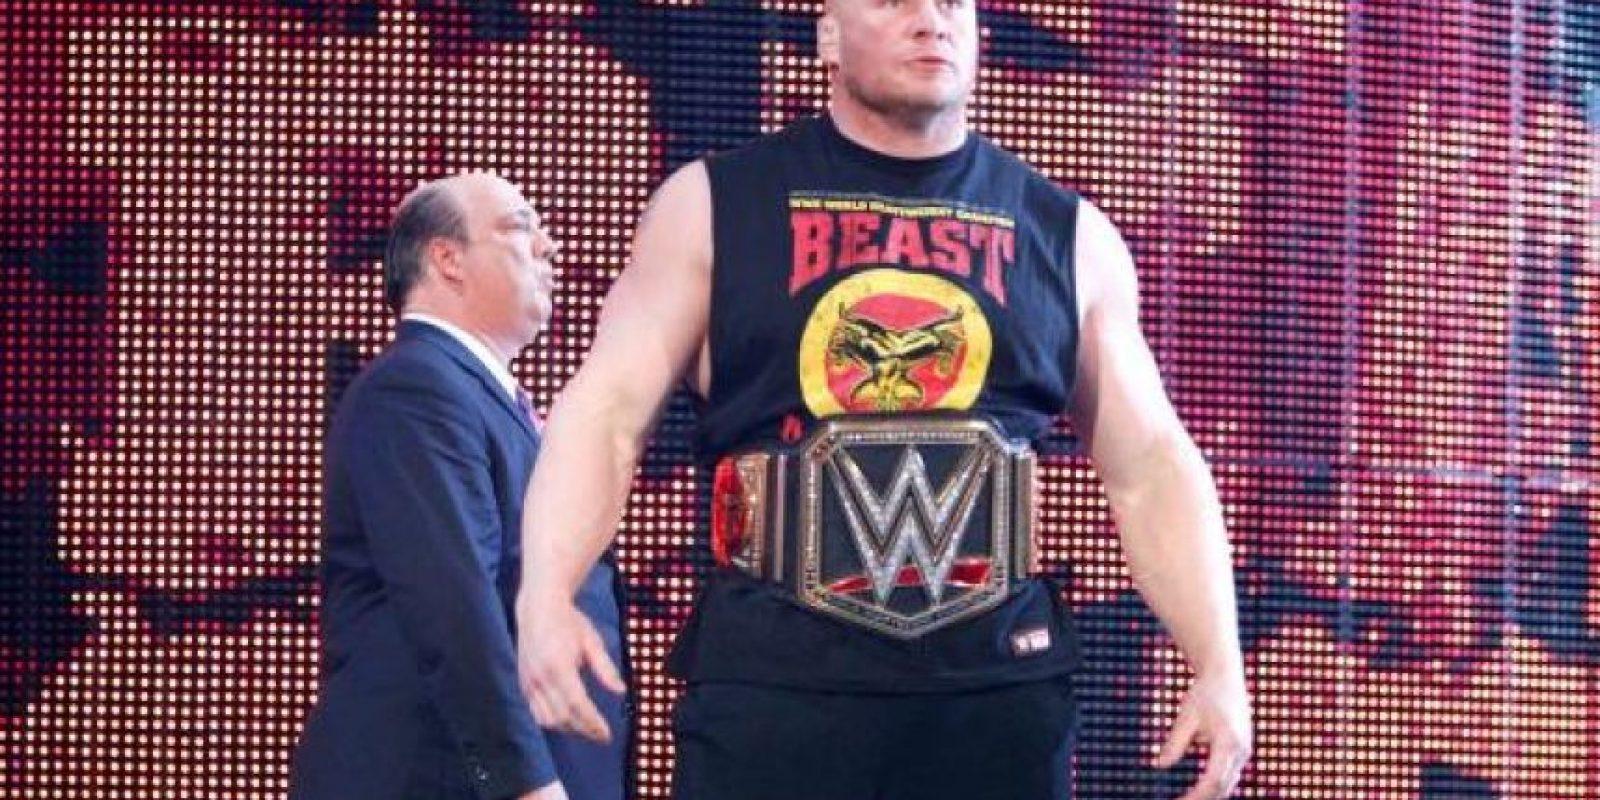 12. Tres títulos estarán en juego en Wrestlemania XXXI: El Campeonato Mundial de Peso Pesado, El Campeonato de Estados Unidos y El Campeonato intercontinental Foto:WWE